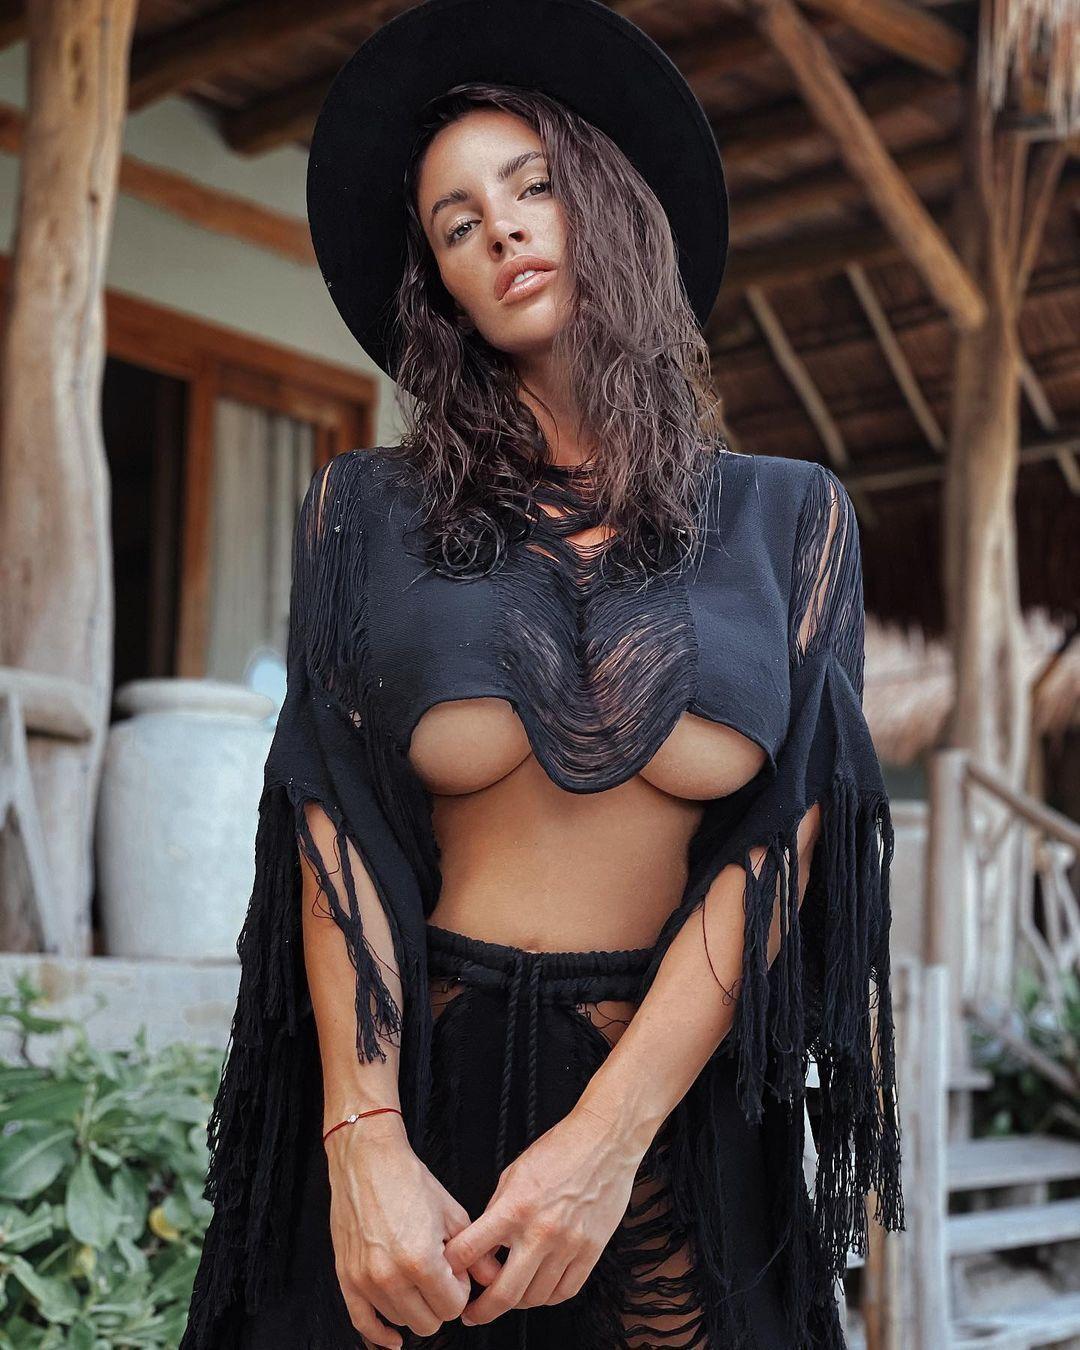 Люсия Яворчекова снялась в одежде, едва скрывающей грудь